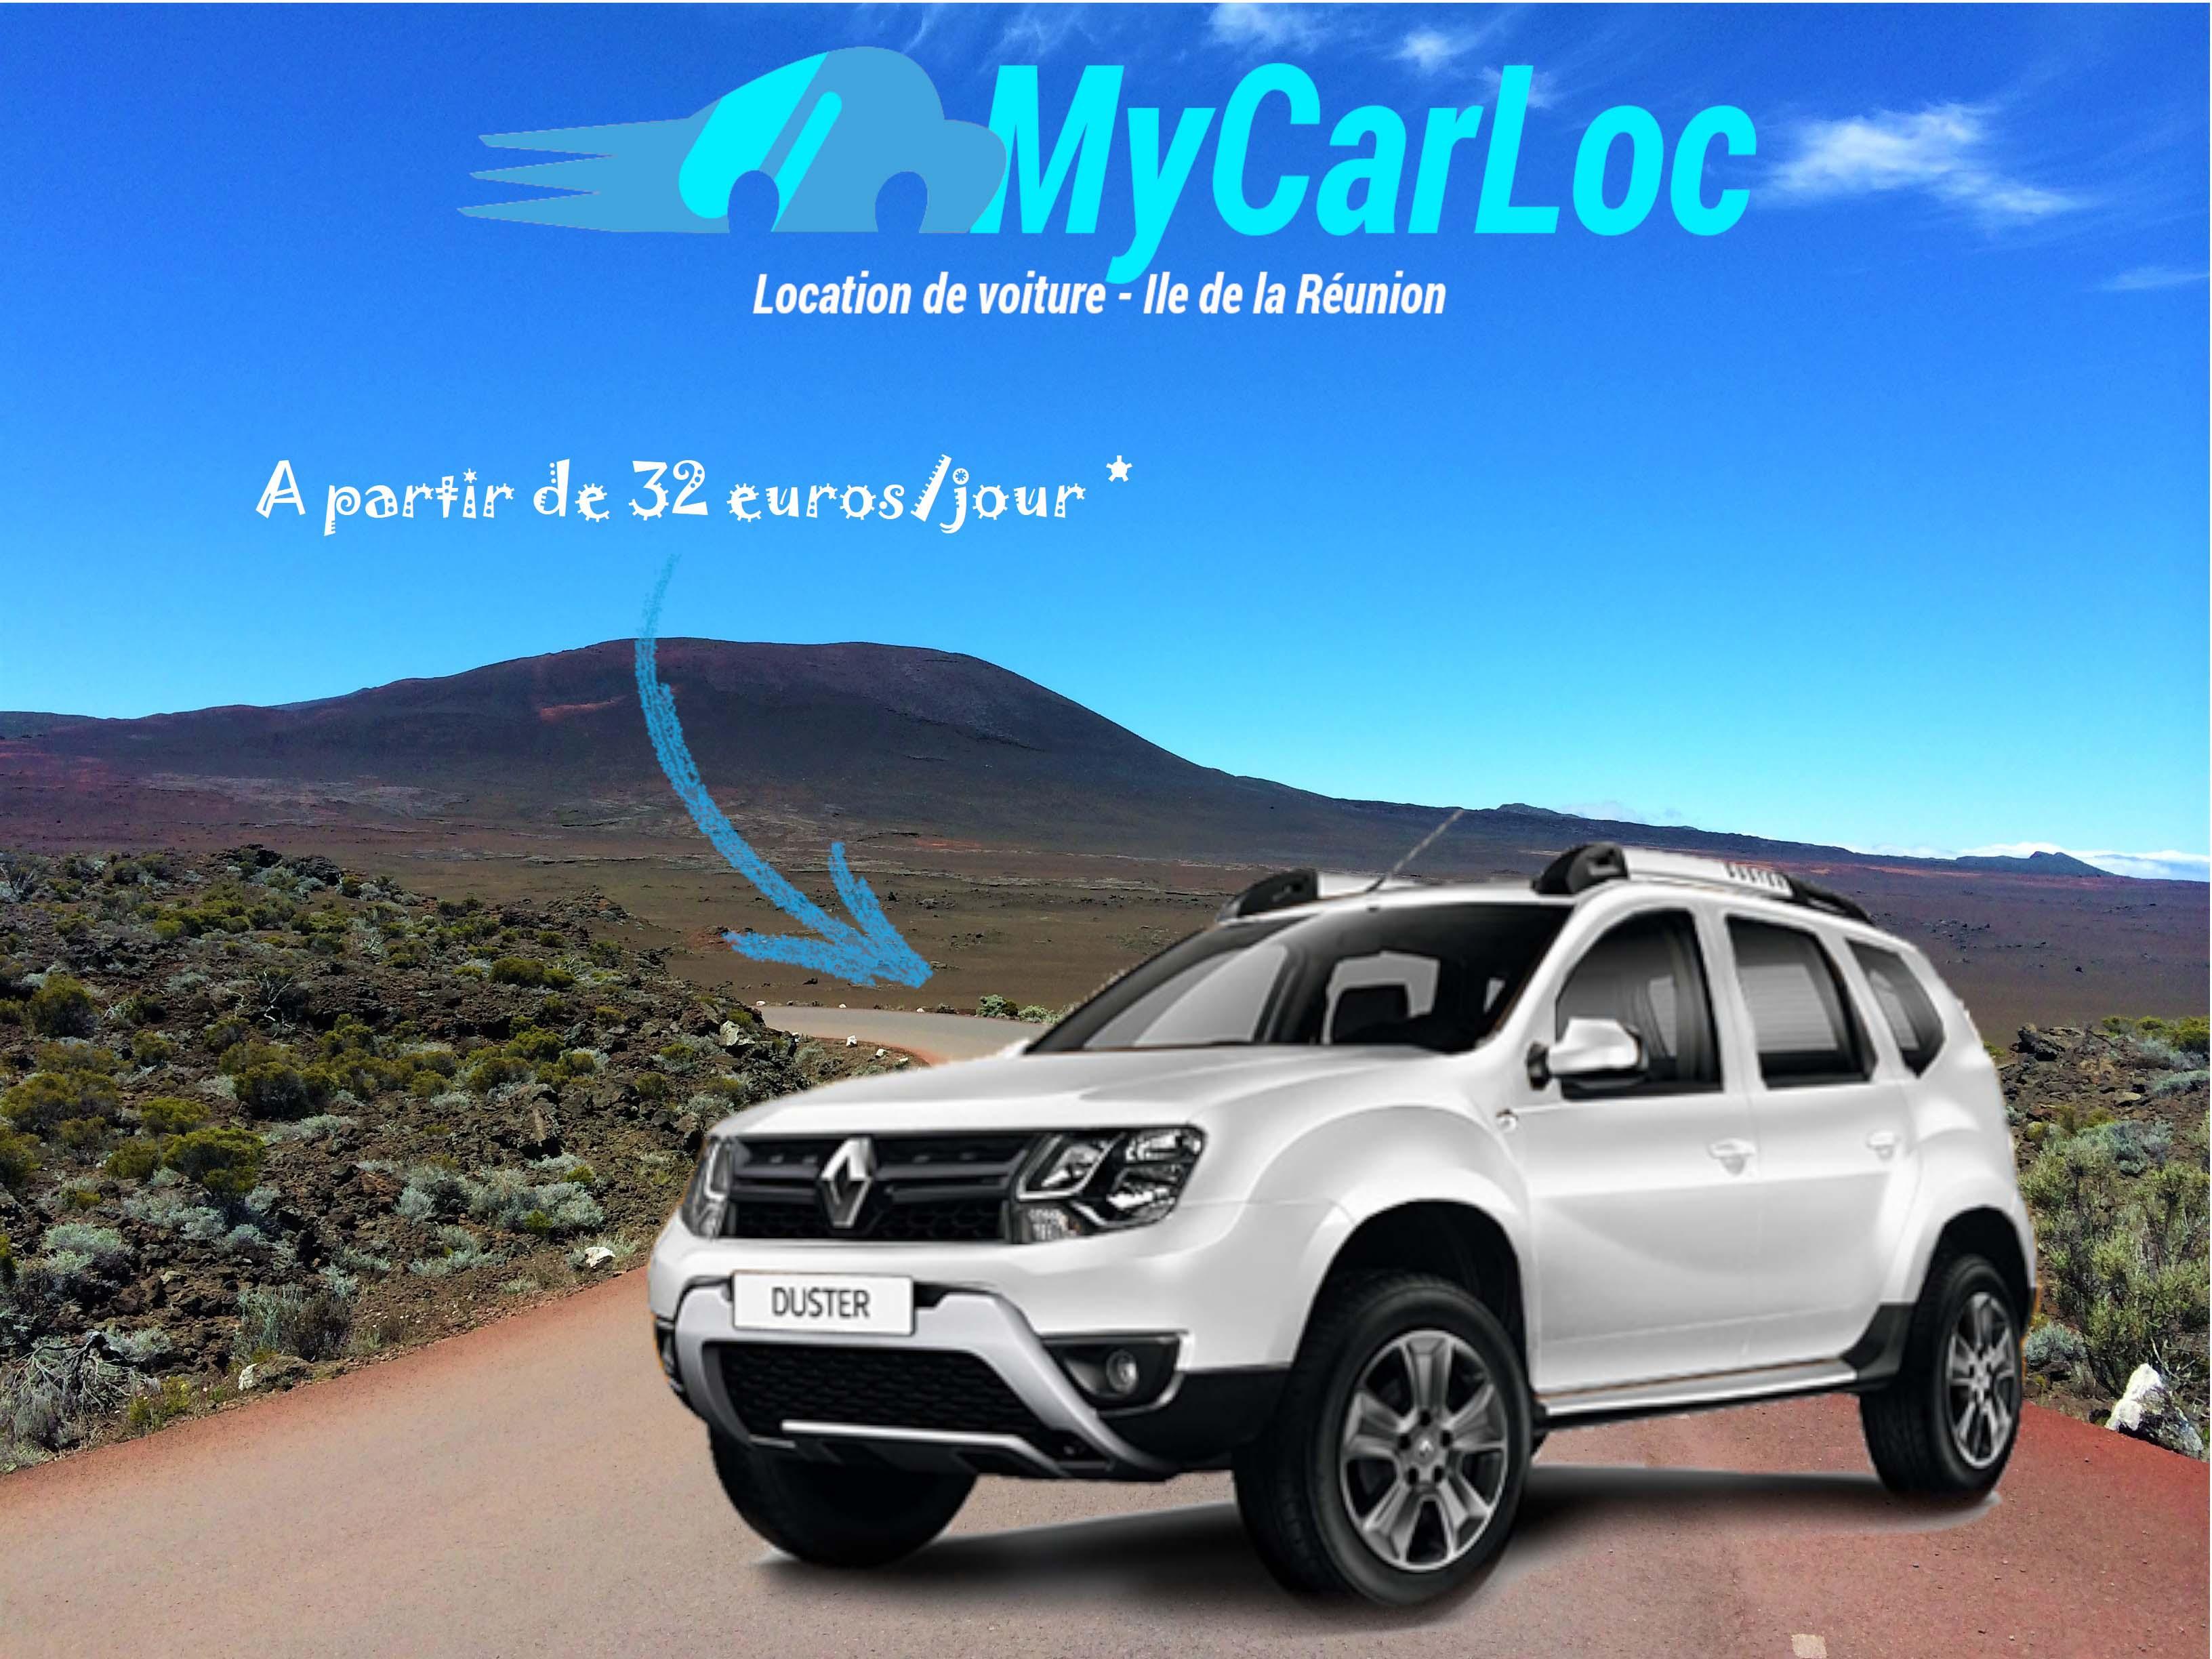 MY CAR LOC - Autos - OUEST La Réunion 974